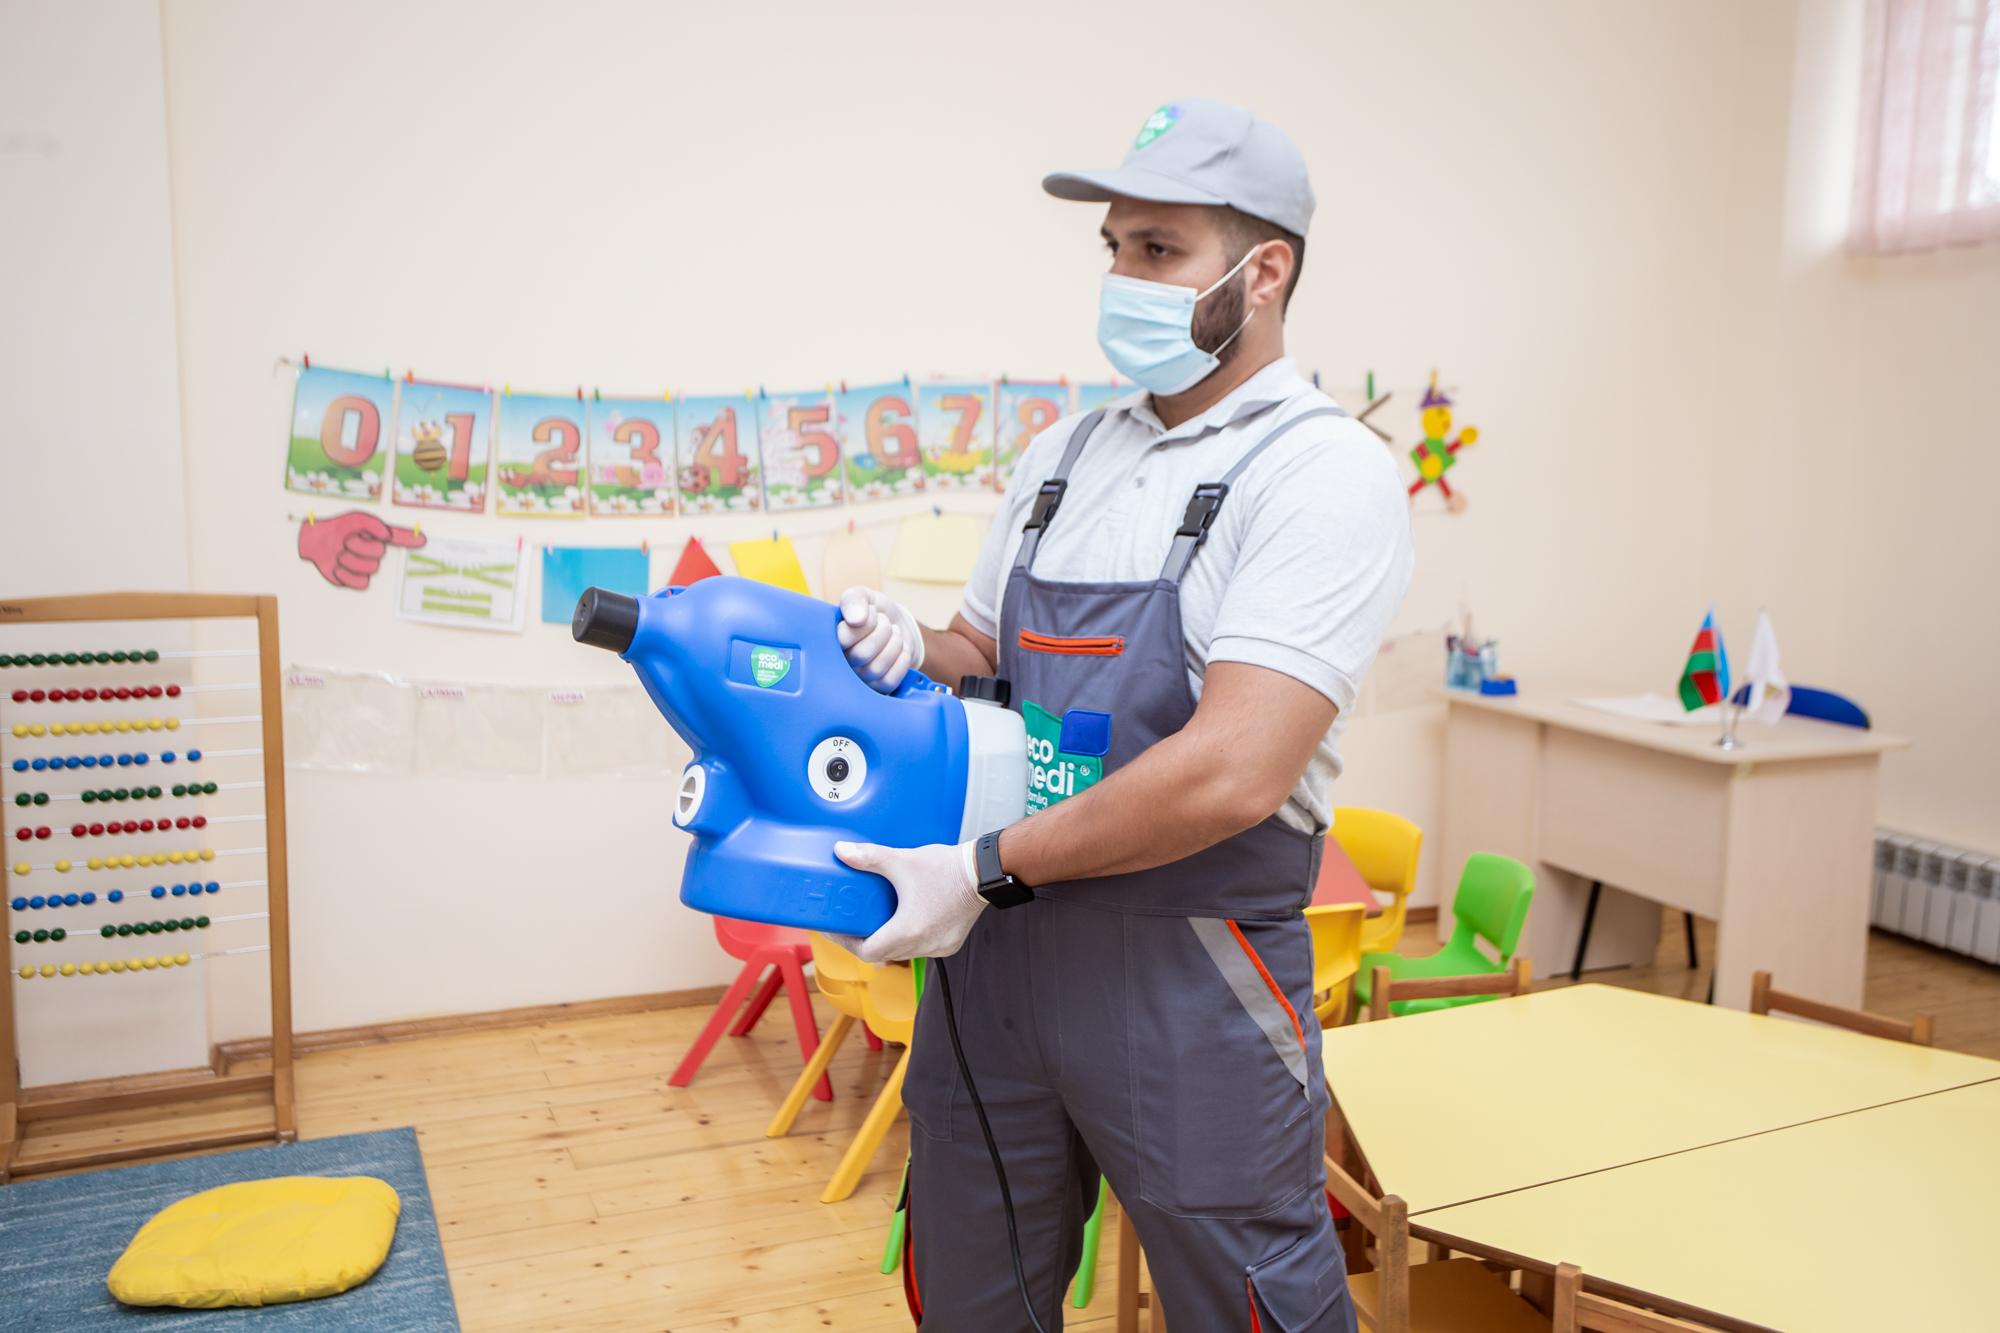 LET'S Uşaq Bağçası - Sağlamlıq təmizlikdən başlayır - EcoMedi MMC dezinfeksiya, dezinseksiya, deratizasiya, fumiqasiya işlərinin həyata keçirilməsi üzrə qabaqcıl şirkətdir.